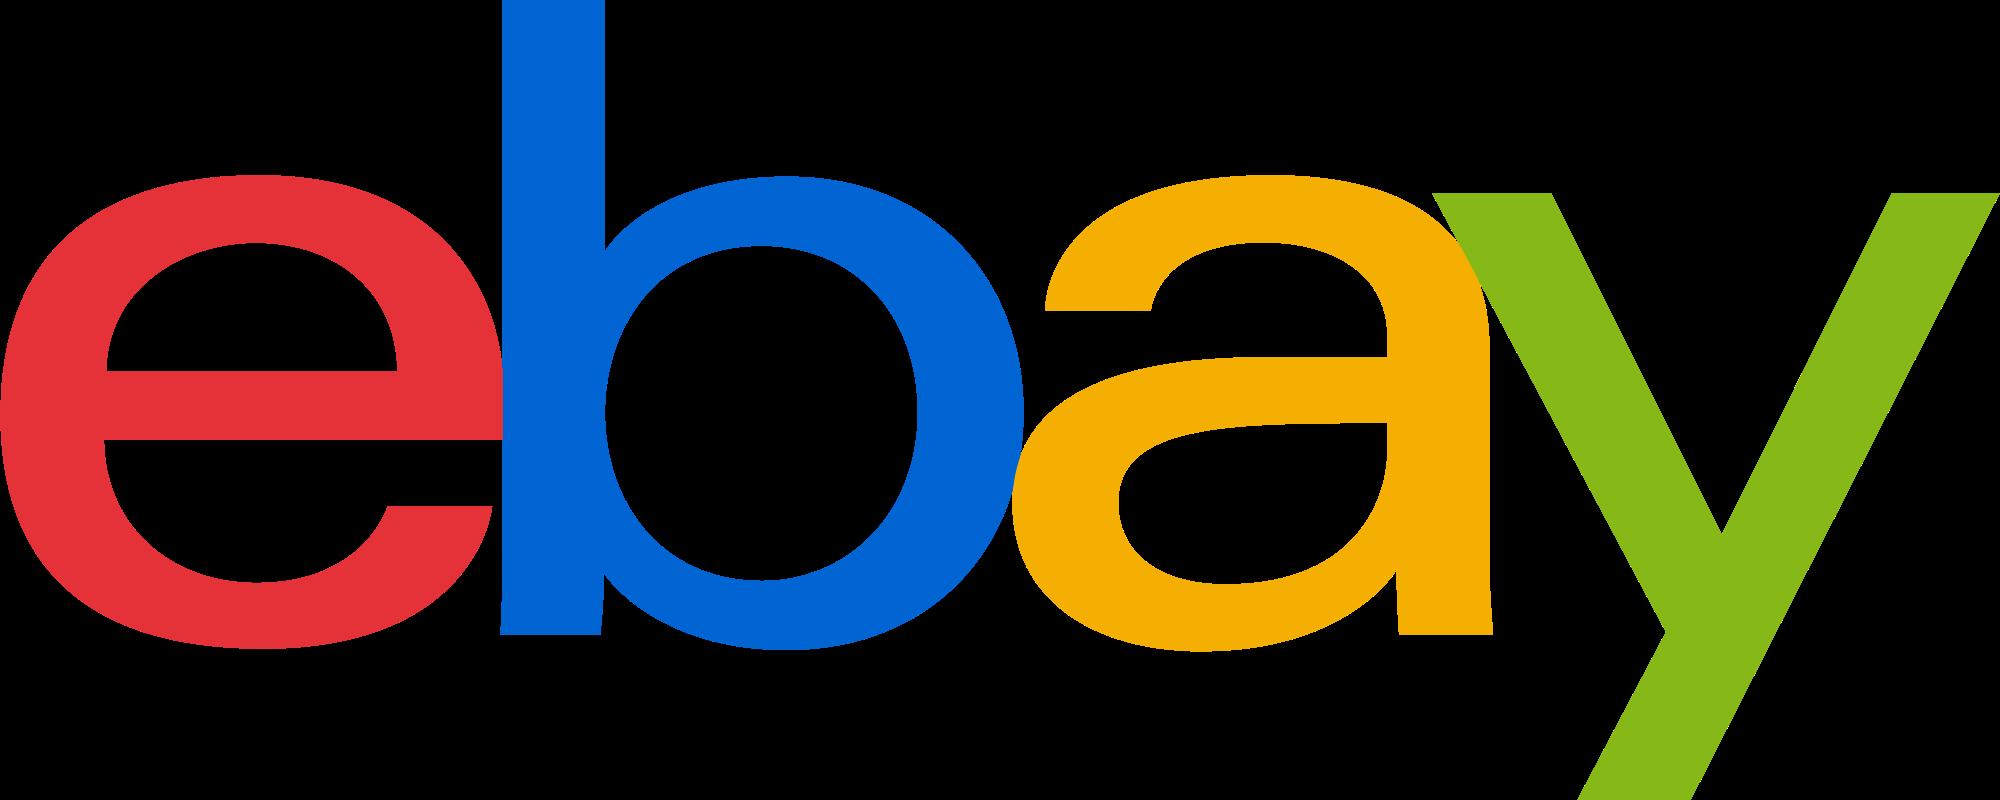 EBay Inc Invests $500 Million In Indiau0027s Flipkart - Logo Flipkart PNG